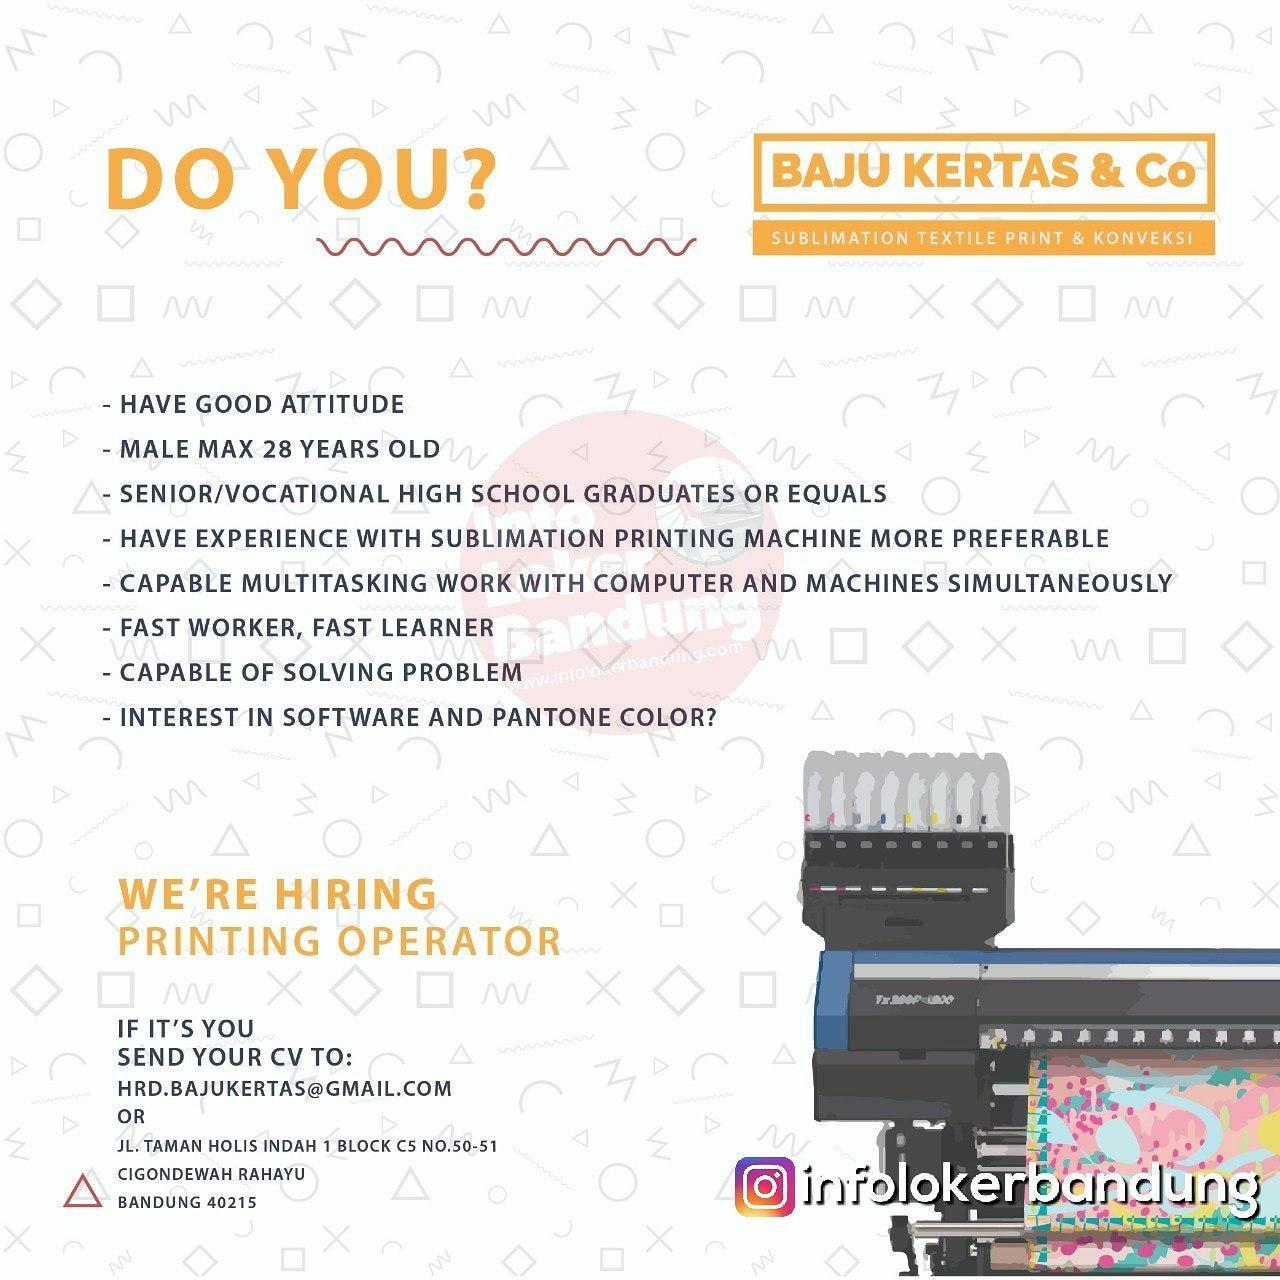 Lowongan Kerja Printing Operator Baju Kertas & Co Bandung Februari 2019